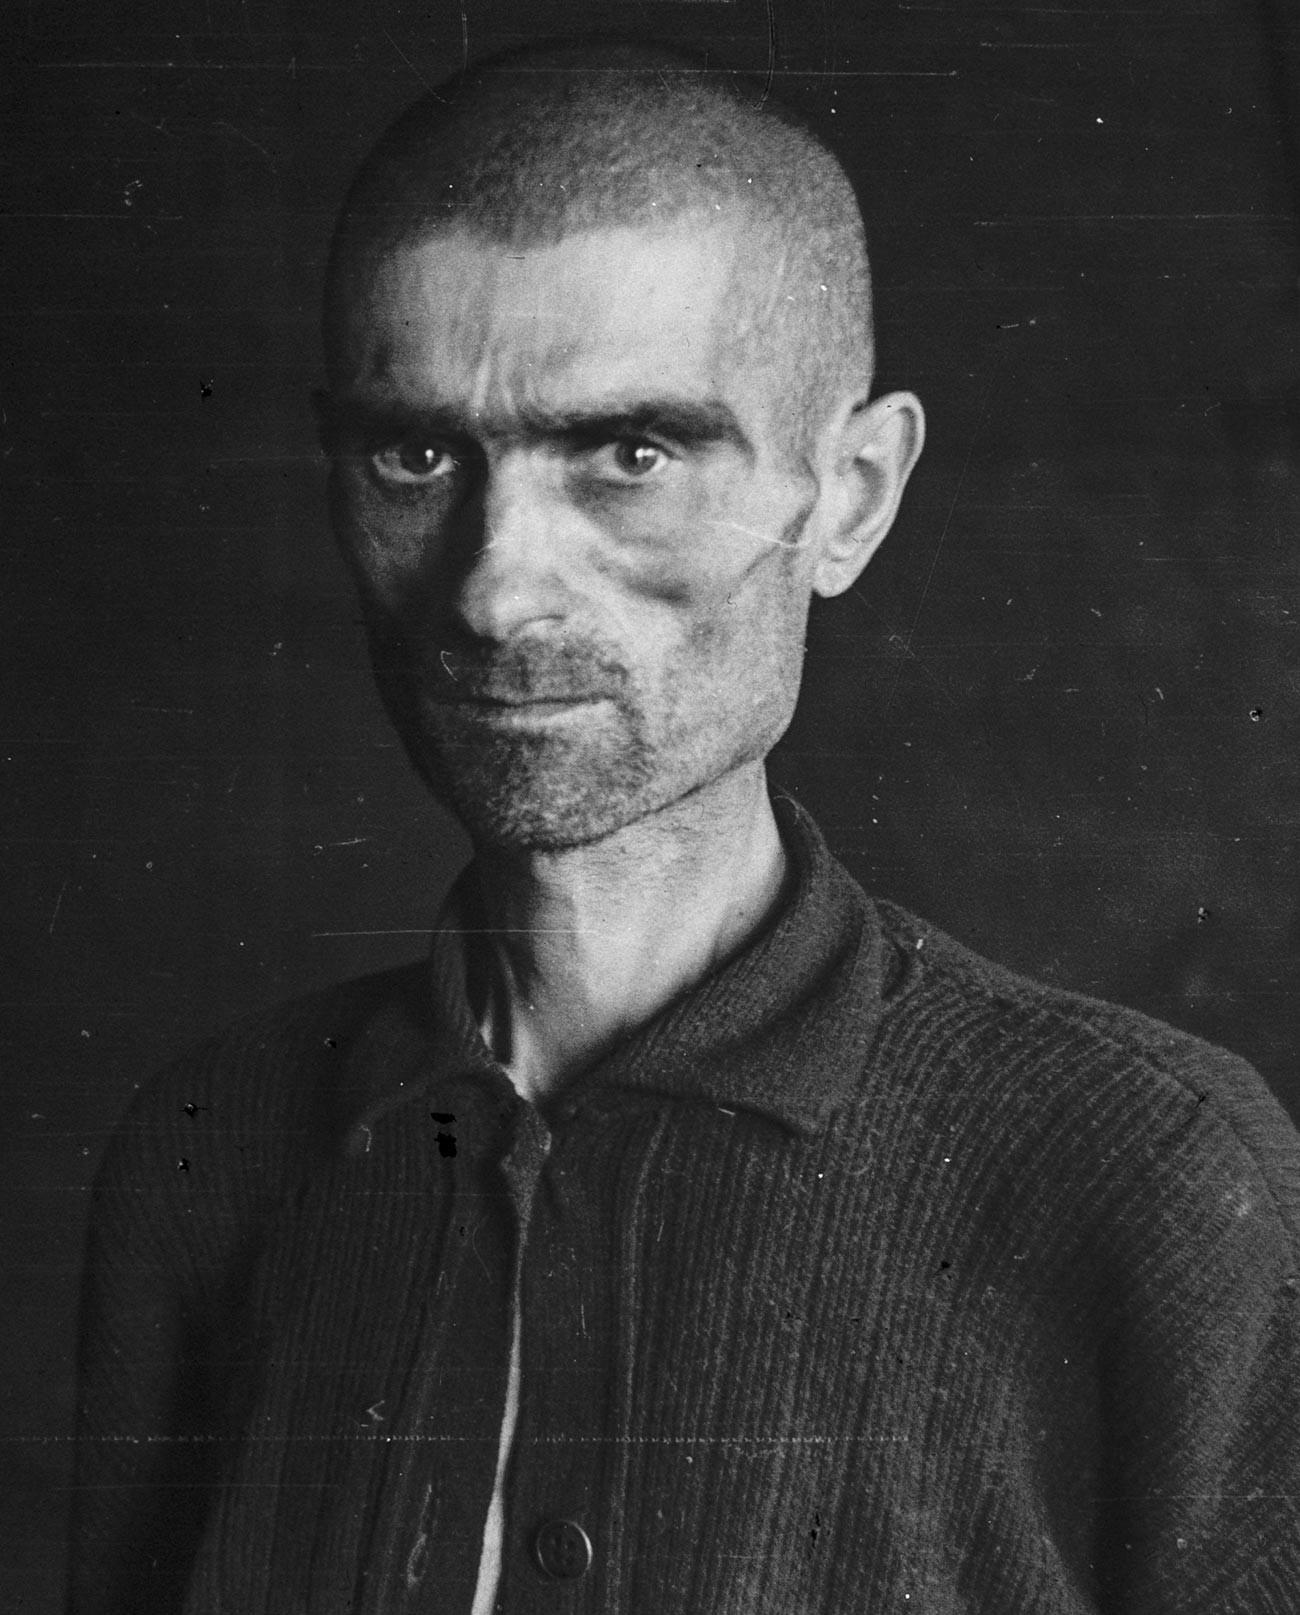 Фото советcкого военнопленного в лагере Бьёрнэльва.